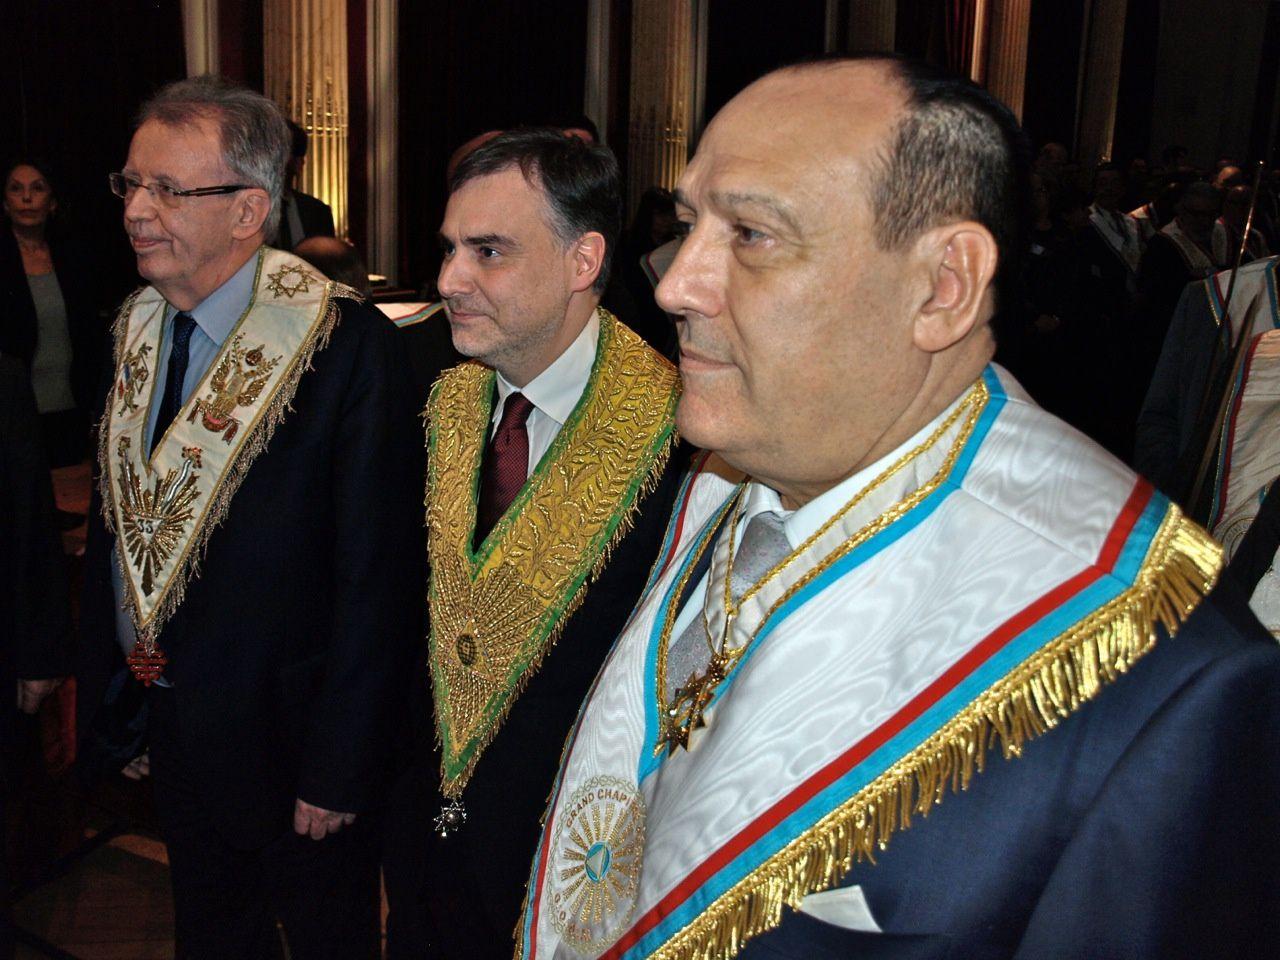 Jacques Oréfice, Christophe Habas, Philippe Guglielmi, entourés de l'escorte composée de membres de la Chambre d'Administration du GCG (Photo Jean-Pierre Chardon)